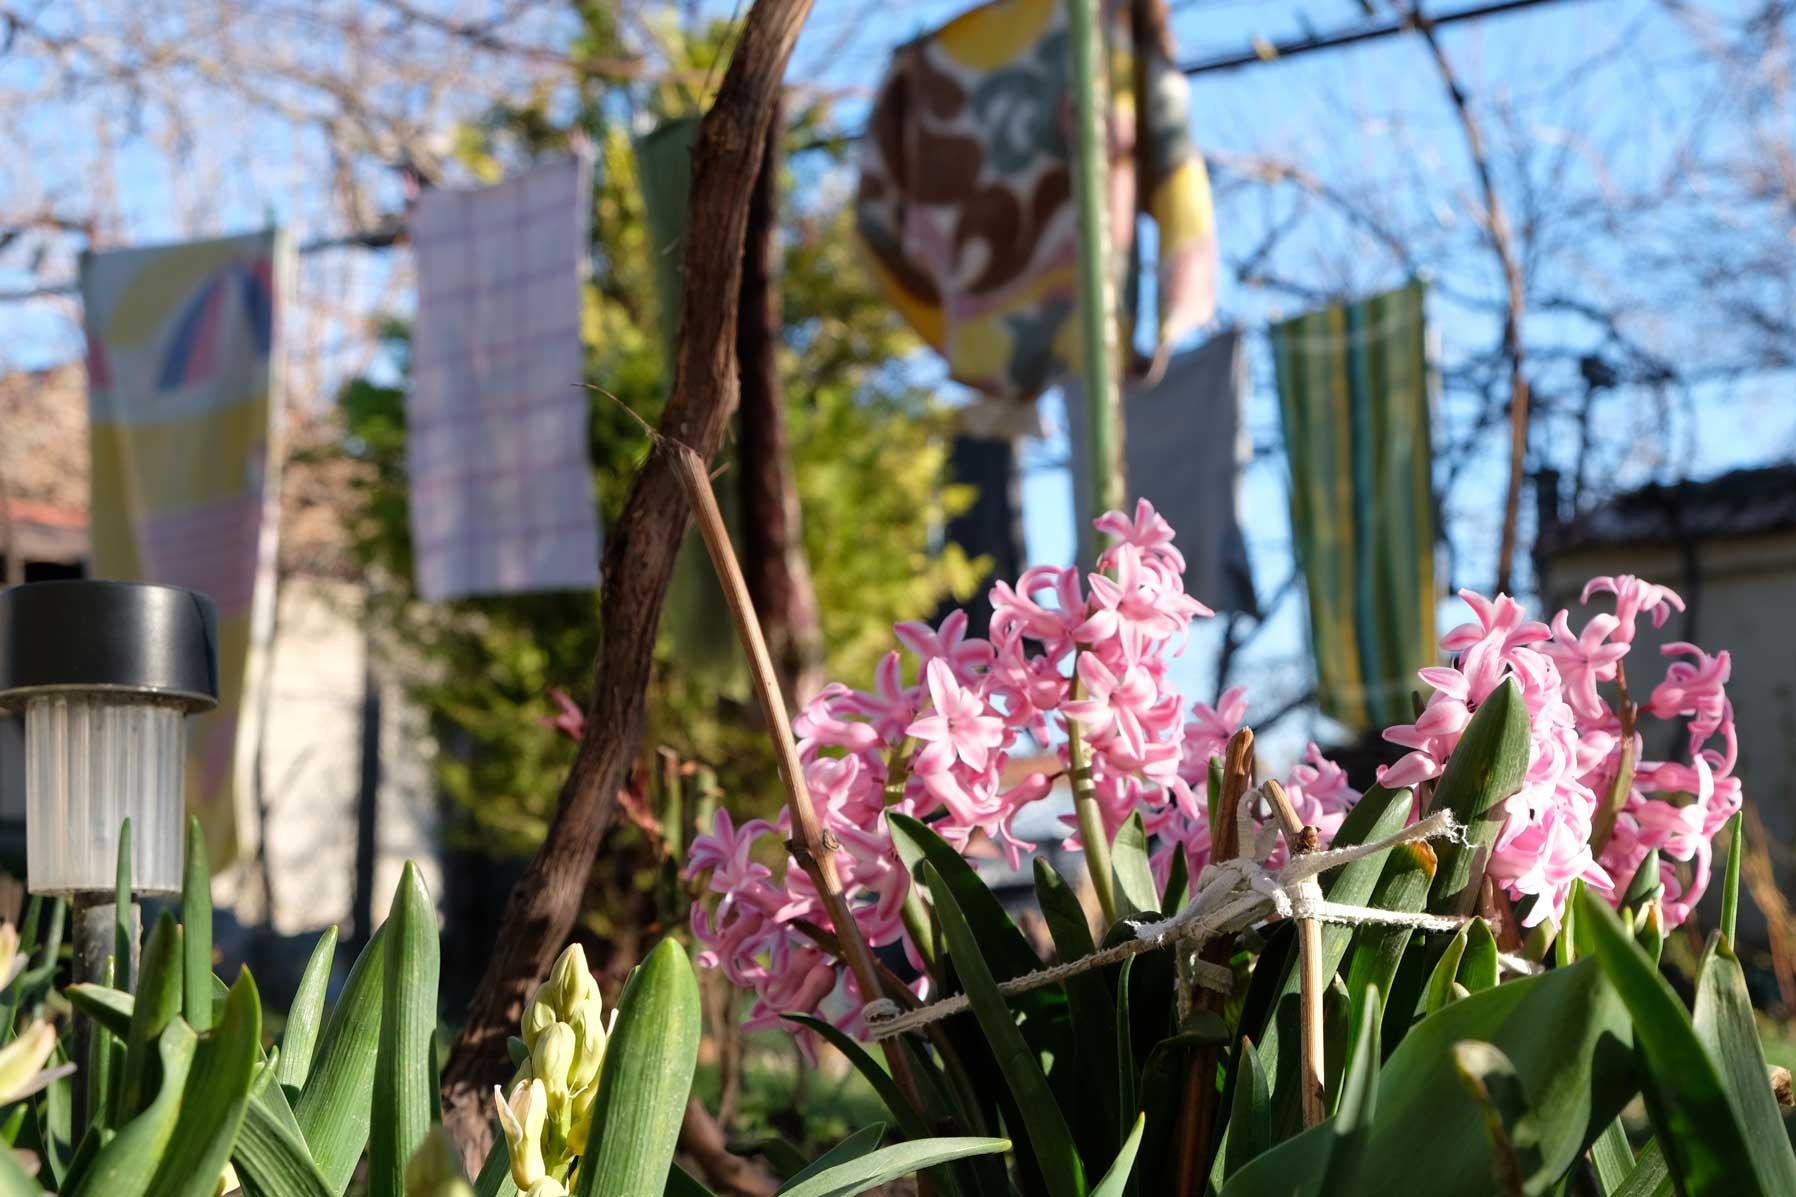 Pinke Blumen in einem Garten